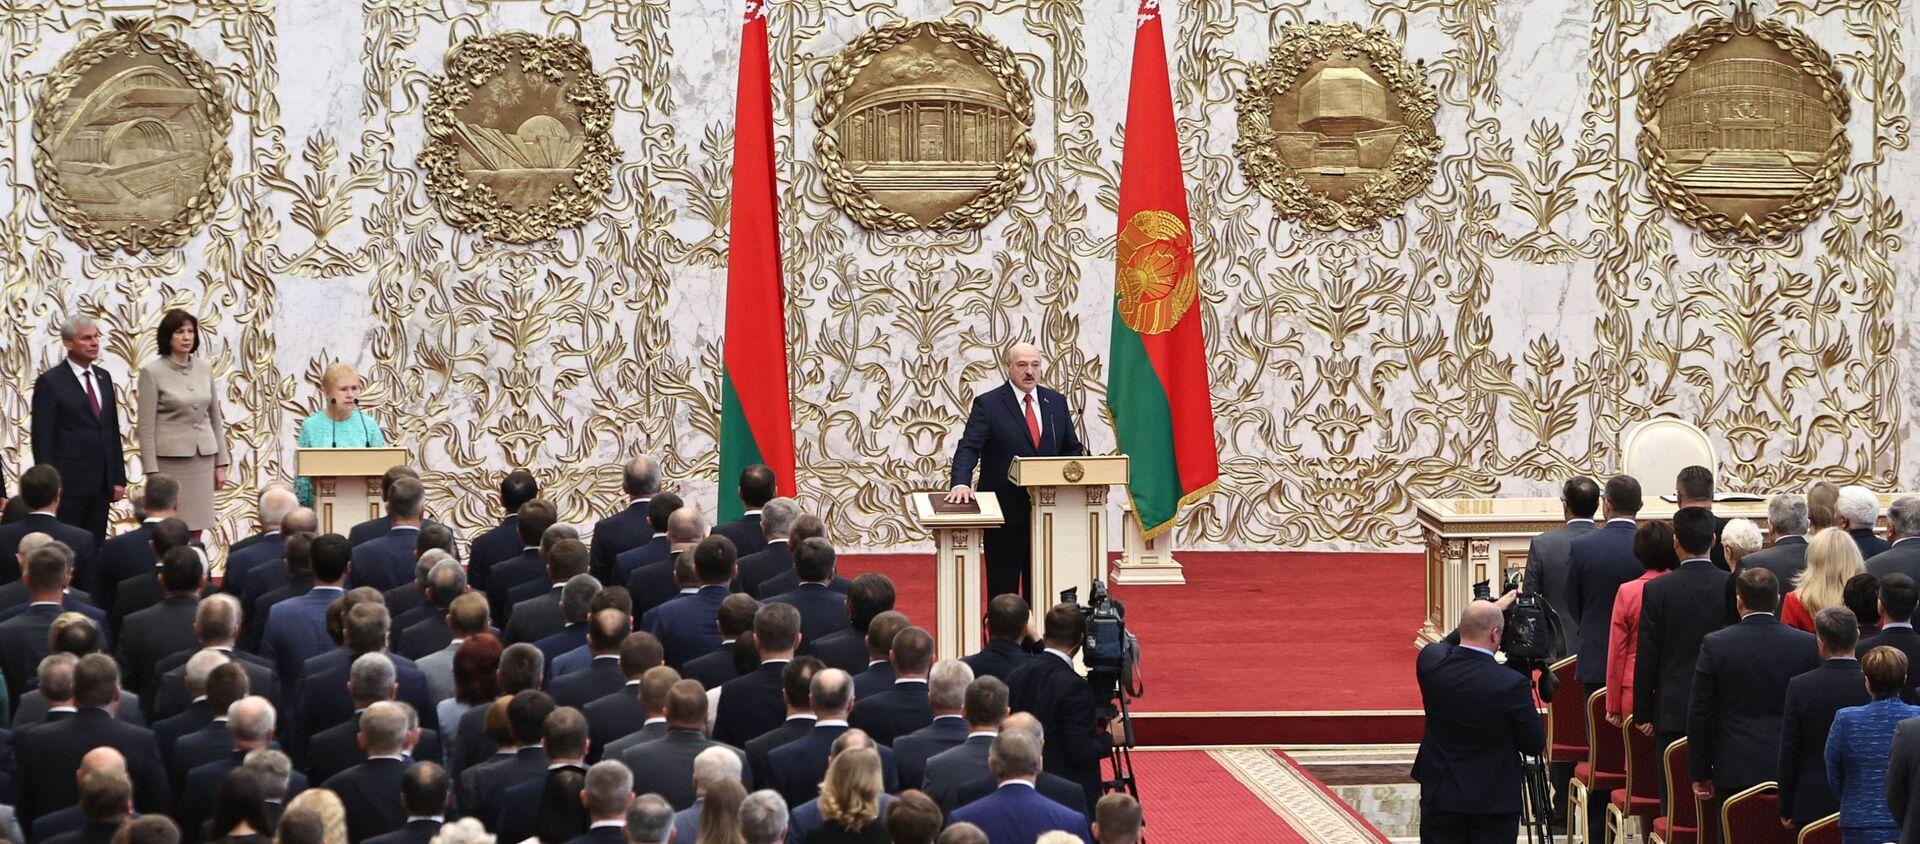 Alaksandr Łukaszenka podczas inauguracji na prezydenta Białorusi - Sputnik Polska, 1920, 21.01.2021